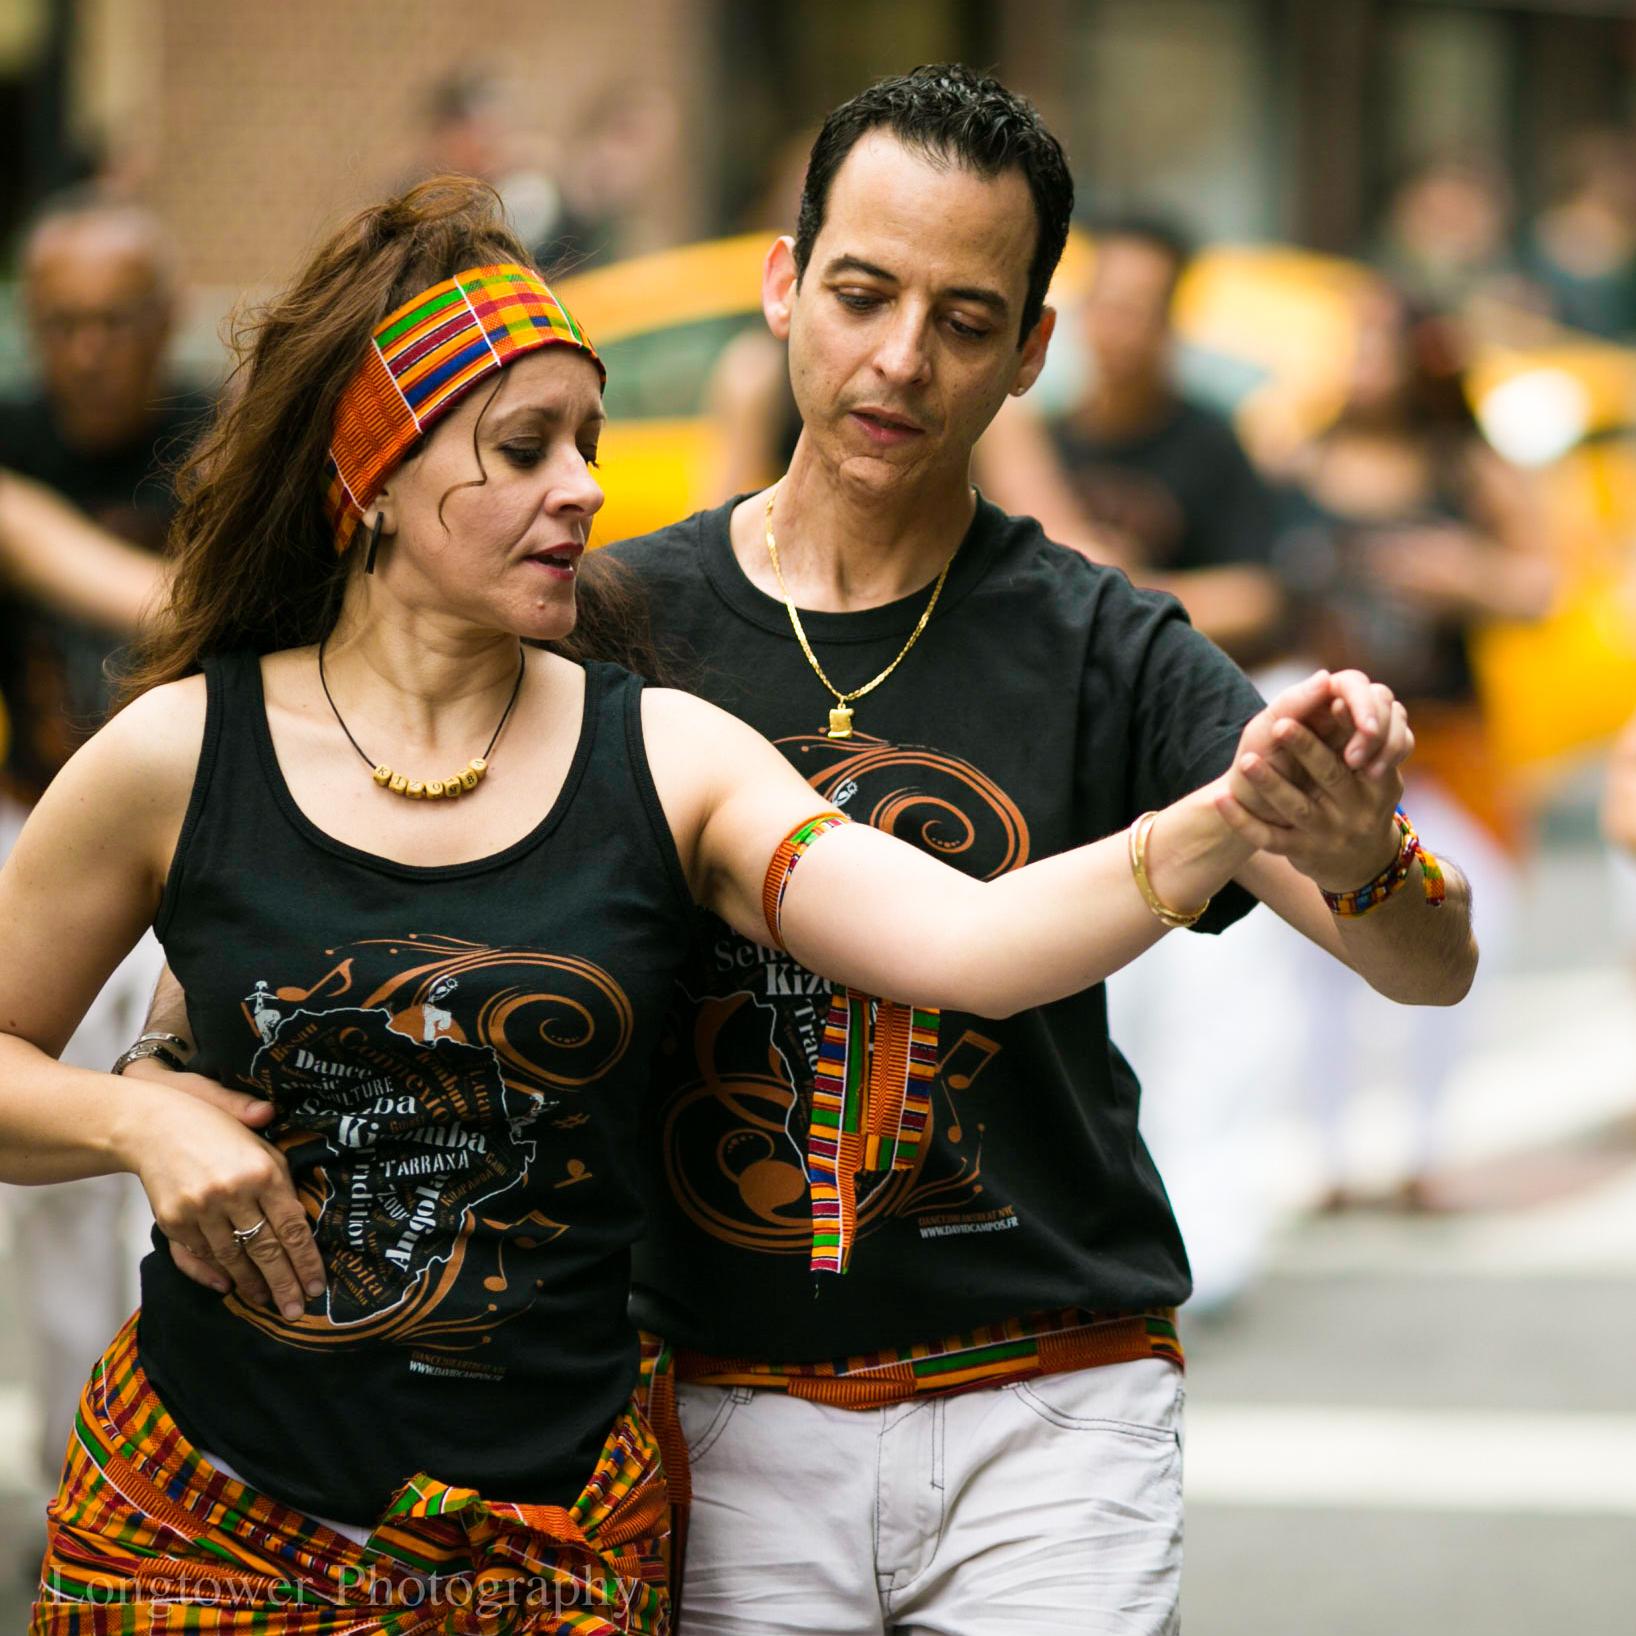 2016, NY dance Parade - DX2_9725